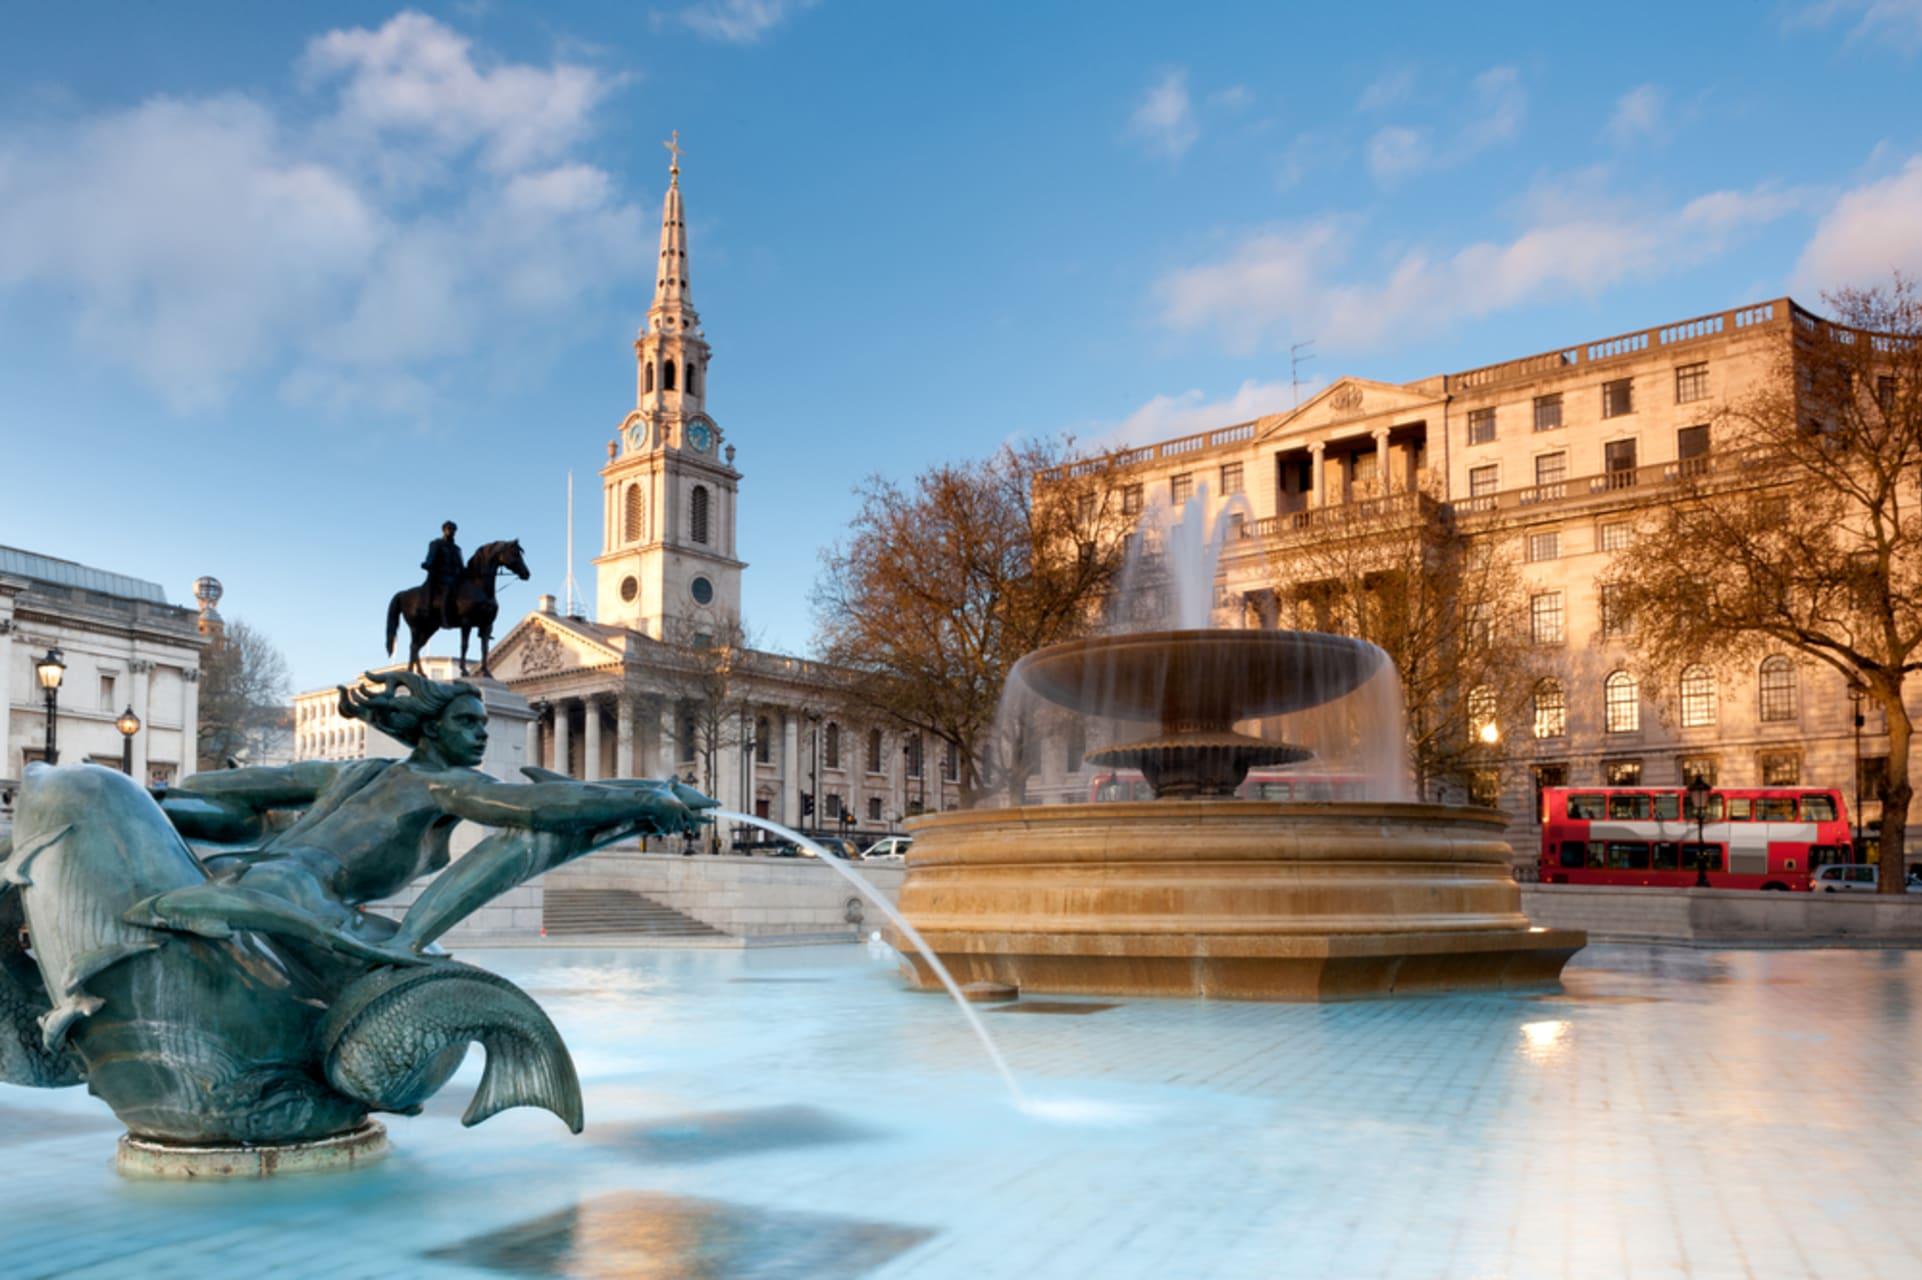 London - Trafalgar Square Walking Tour